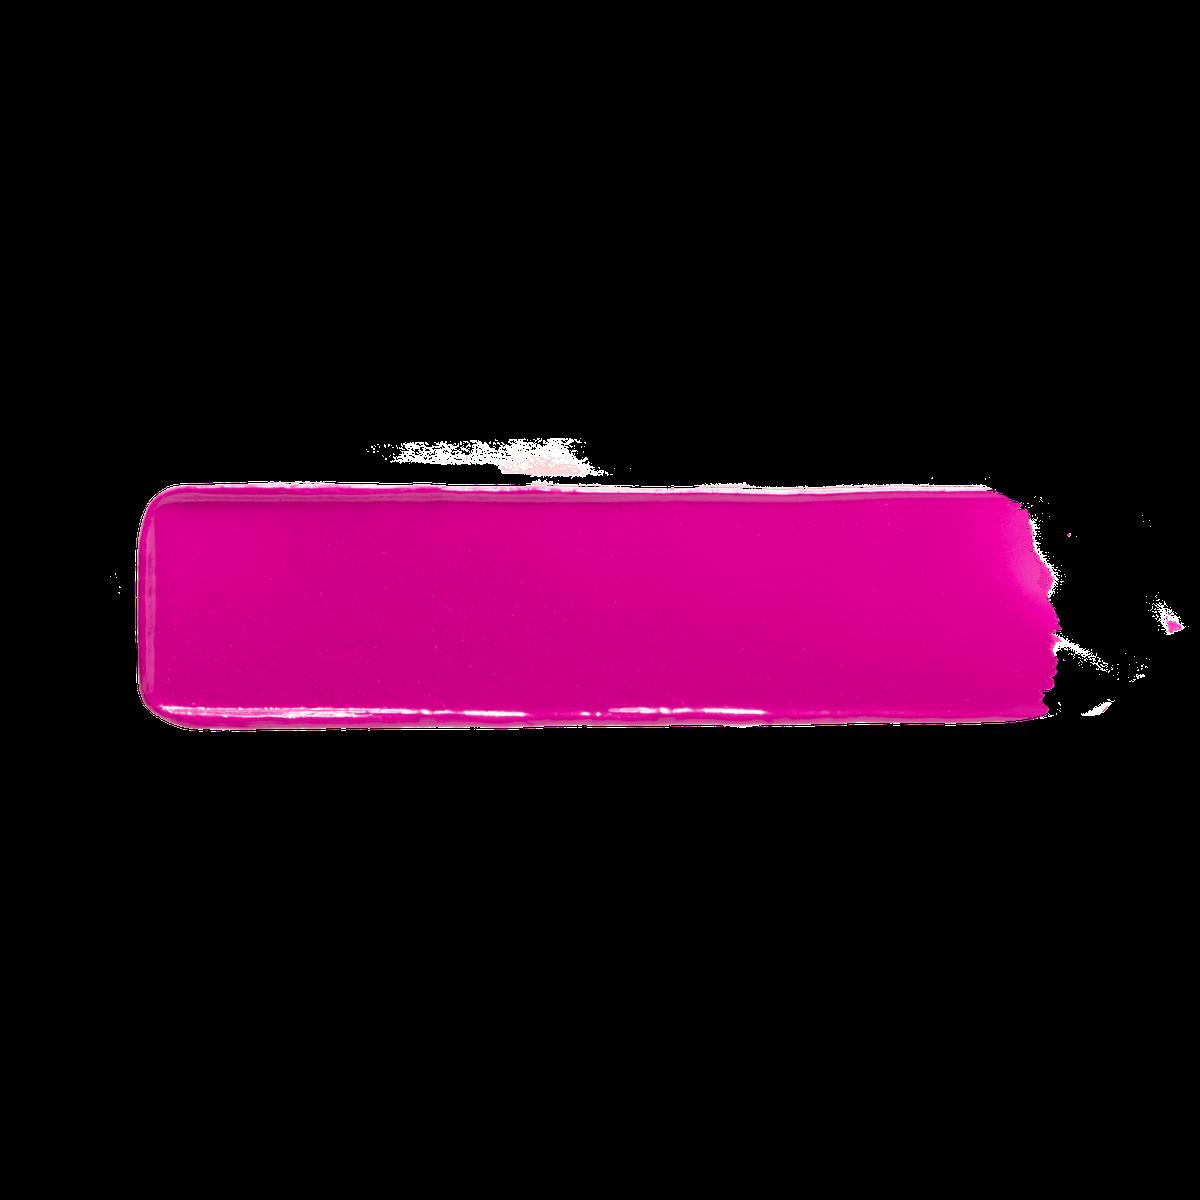 رژلب ژیوانشی مدل Interdit Satin رنگ  24 Ultravioline